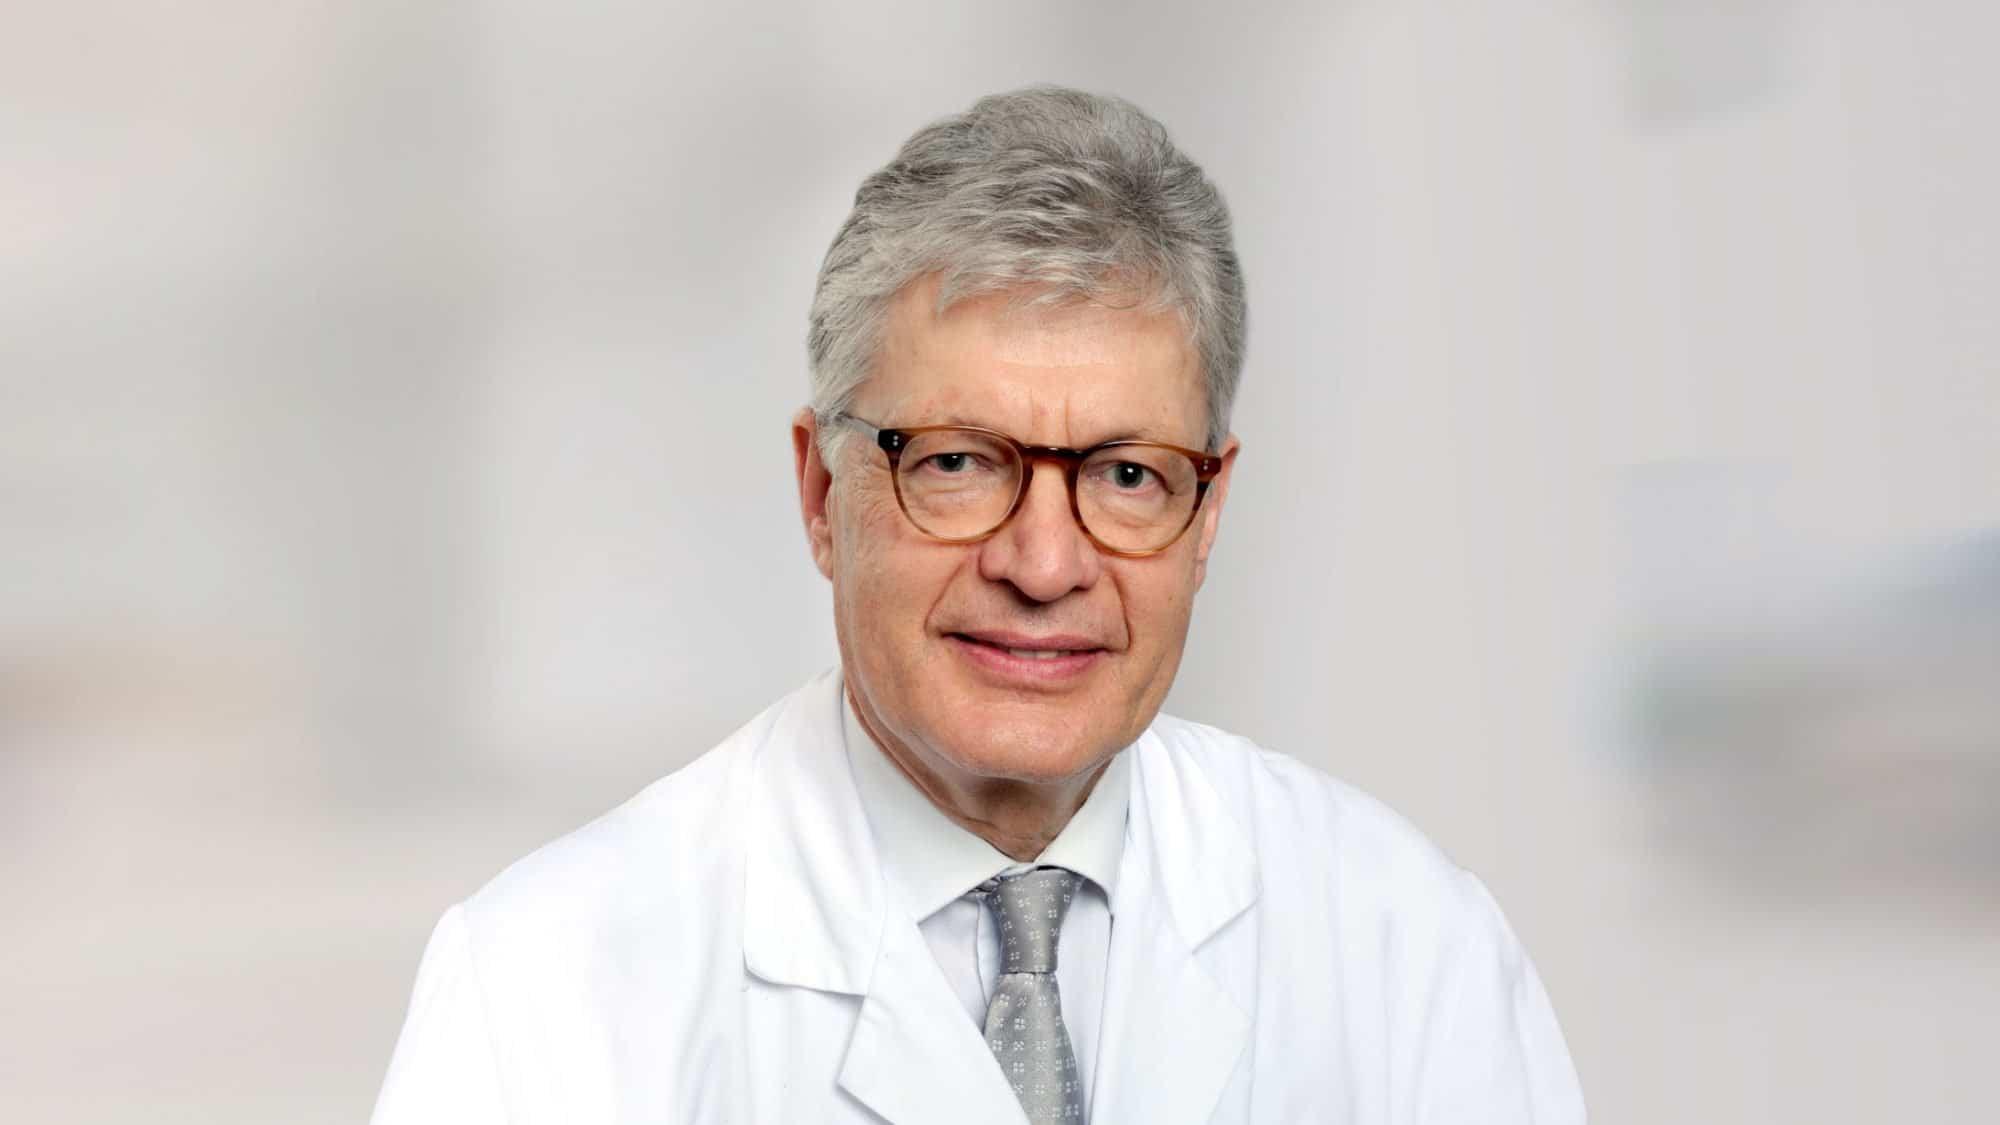 Jürg Hans Beer, Direktor und Chefarzt am Departement Innere Medizin am KSB